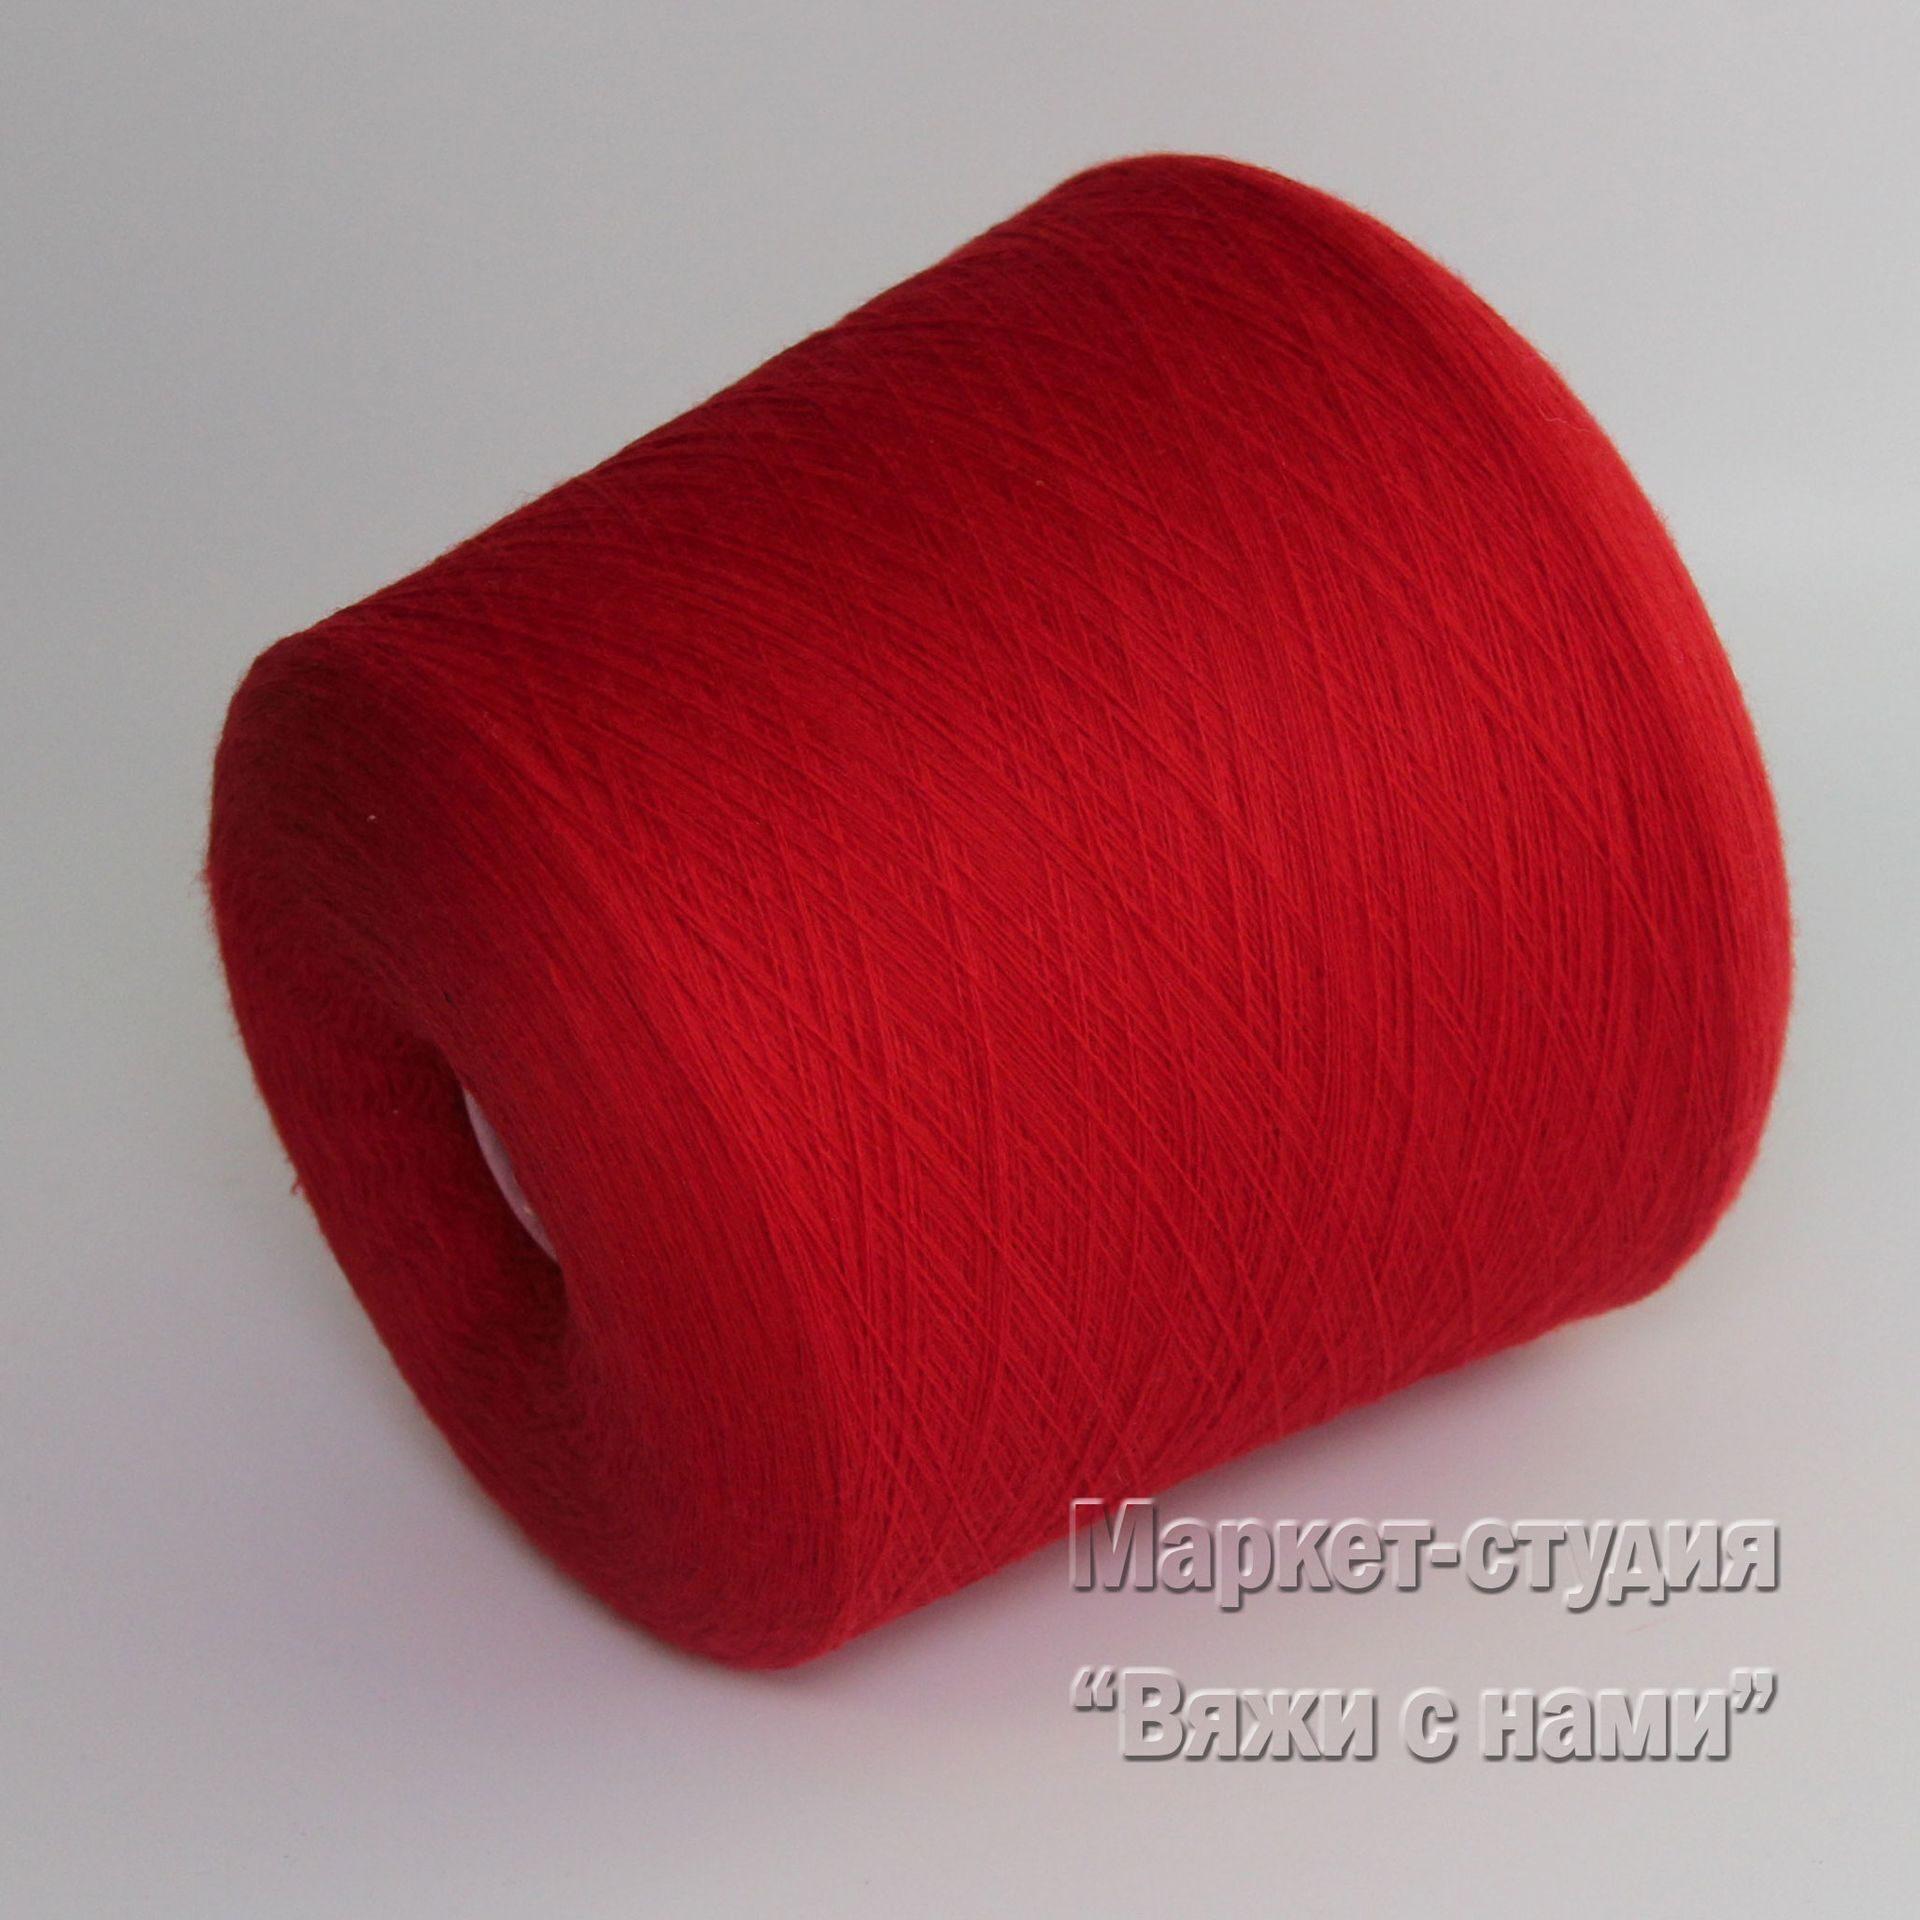 Шелк для машинного вязания